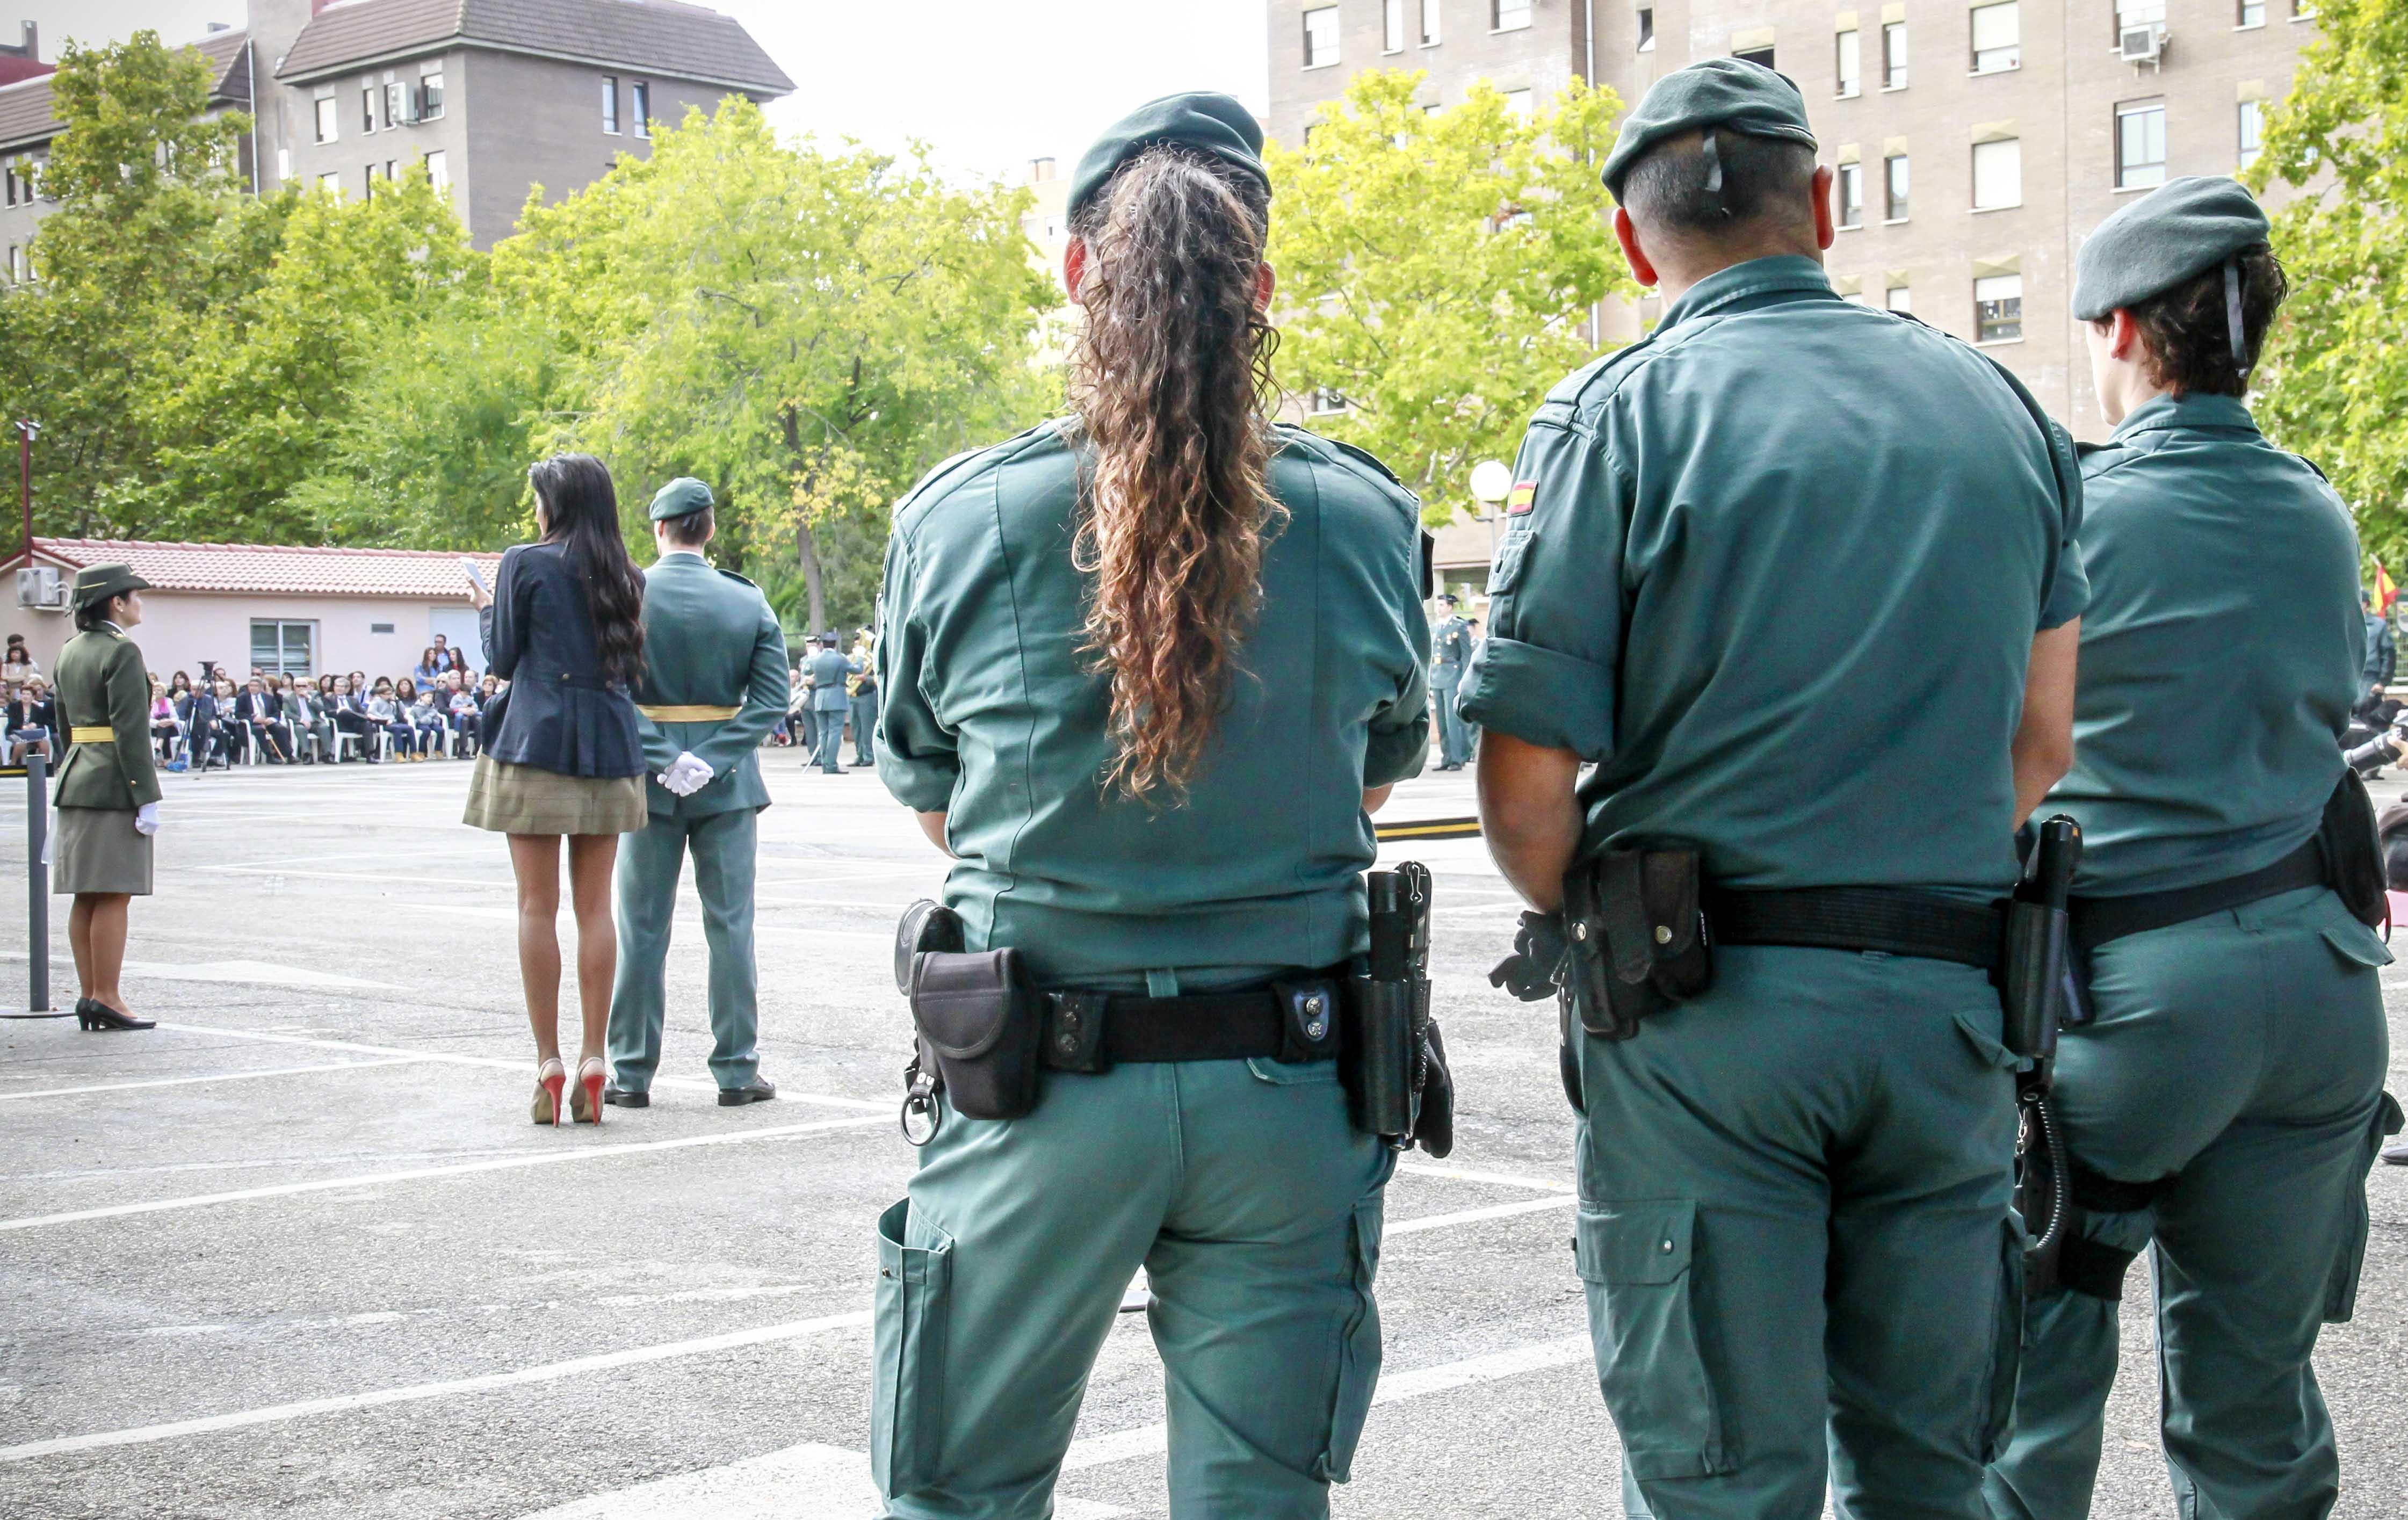 La Guardia Civil destaca que las fechas para la realización del proceso selectivo dependerán de la publicación de la correspondiente Oferta Pública de Empleo en el BOE.